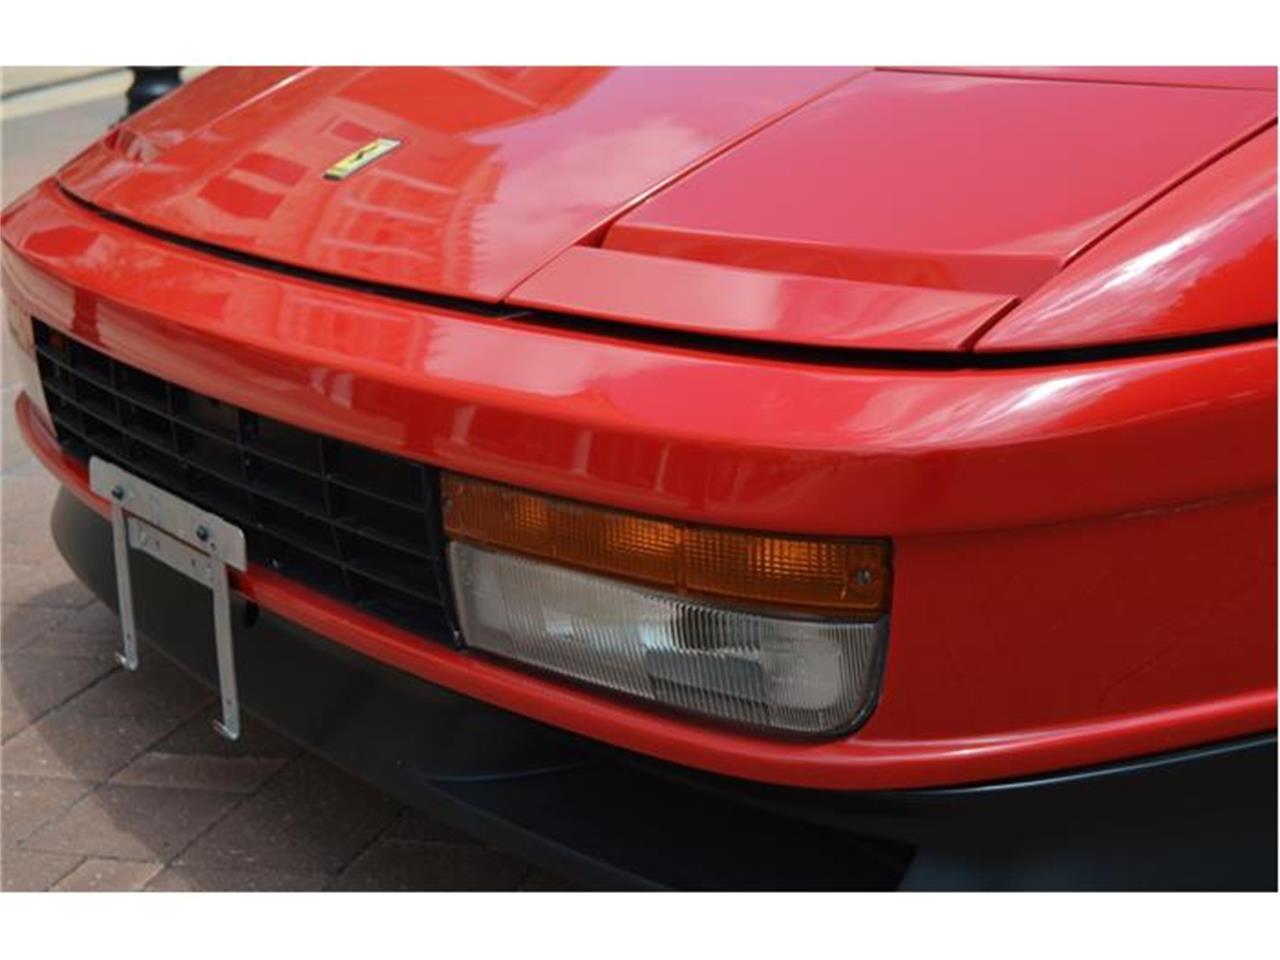 1990 Ferrari Testarossa for Sale | ClassicCars.com | CC-775444